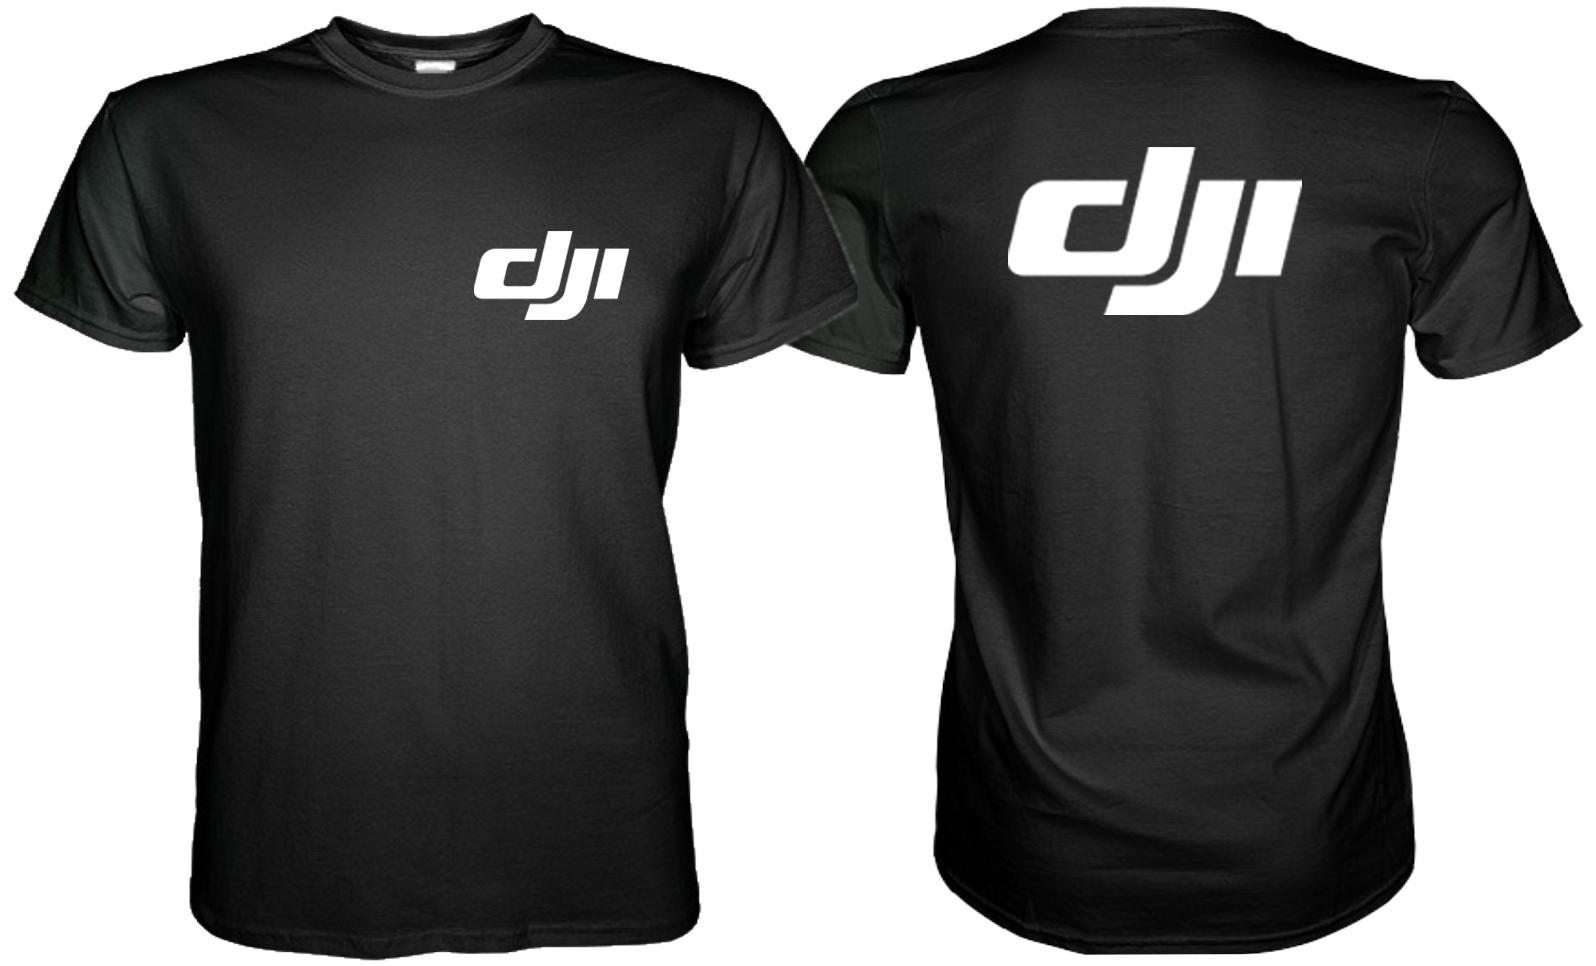 d271d7cec9f86 Dji Logo 2 Side Black TShirt S M L XL 2XL 3XL on Storenvy